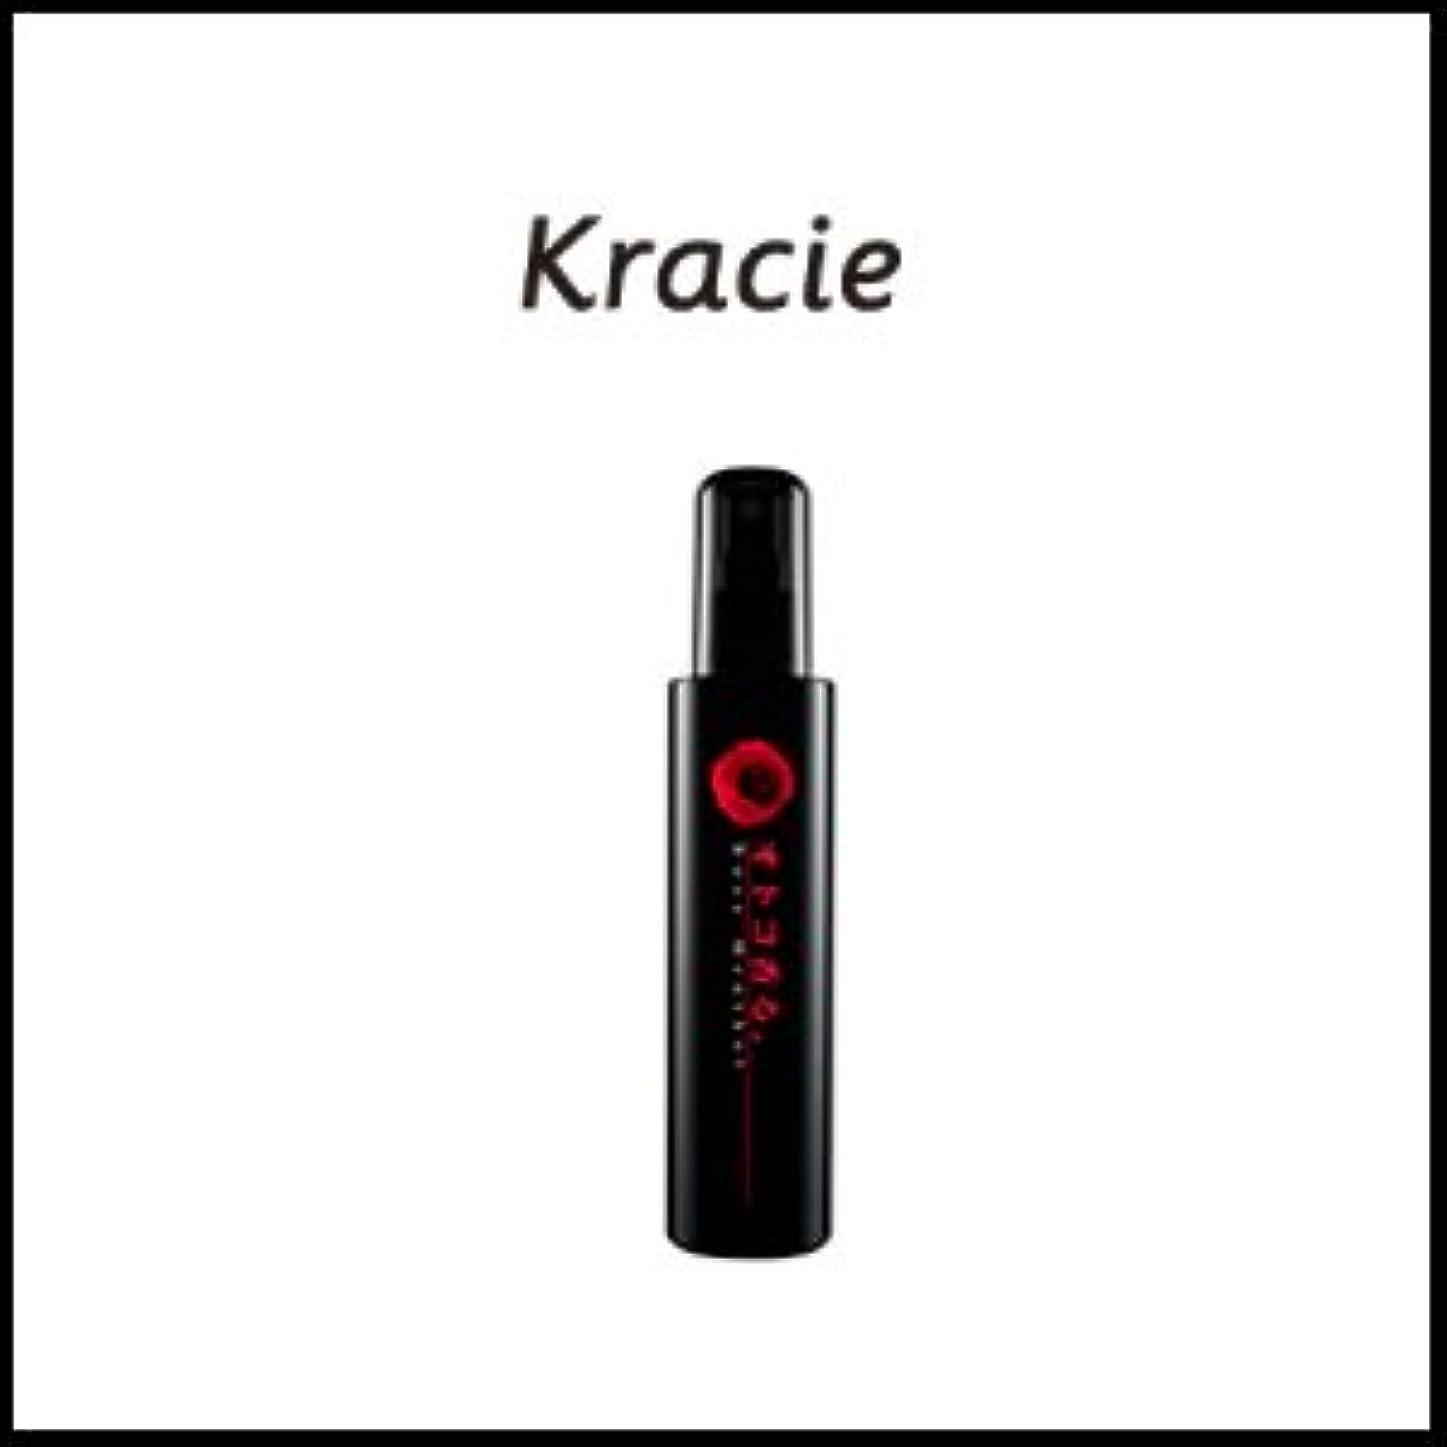 制裁抗生物質割合【X3個セット】 クラシエ オトコ香る トニック(レッドローズ) 150ml 容器入り